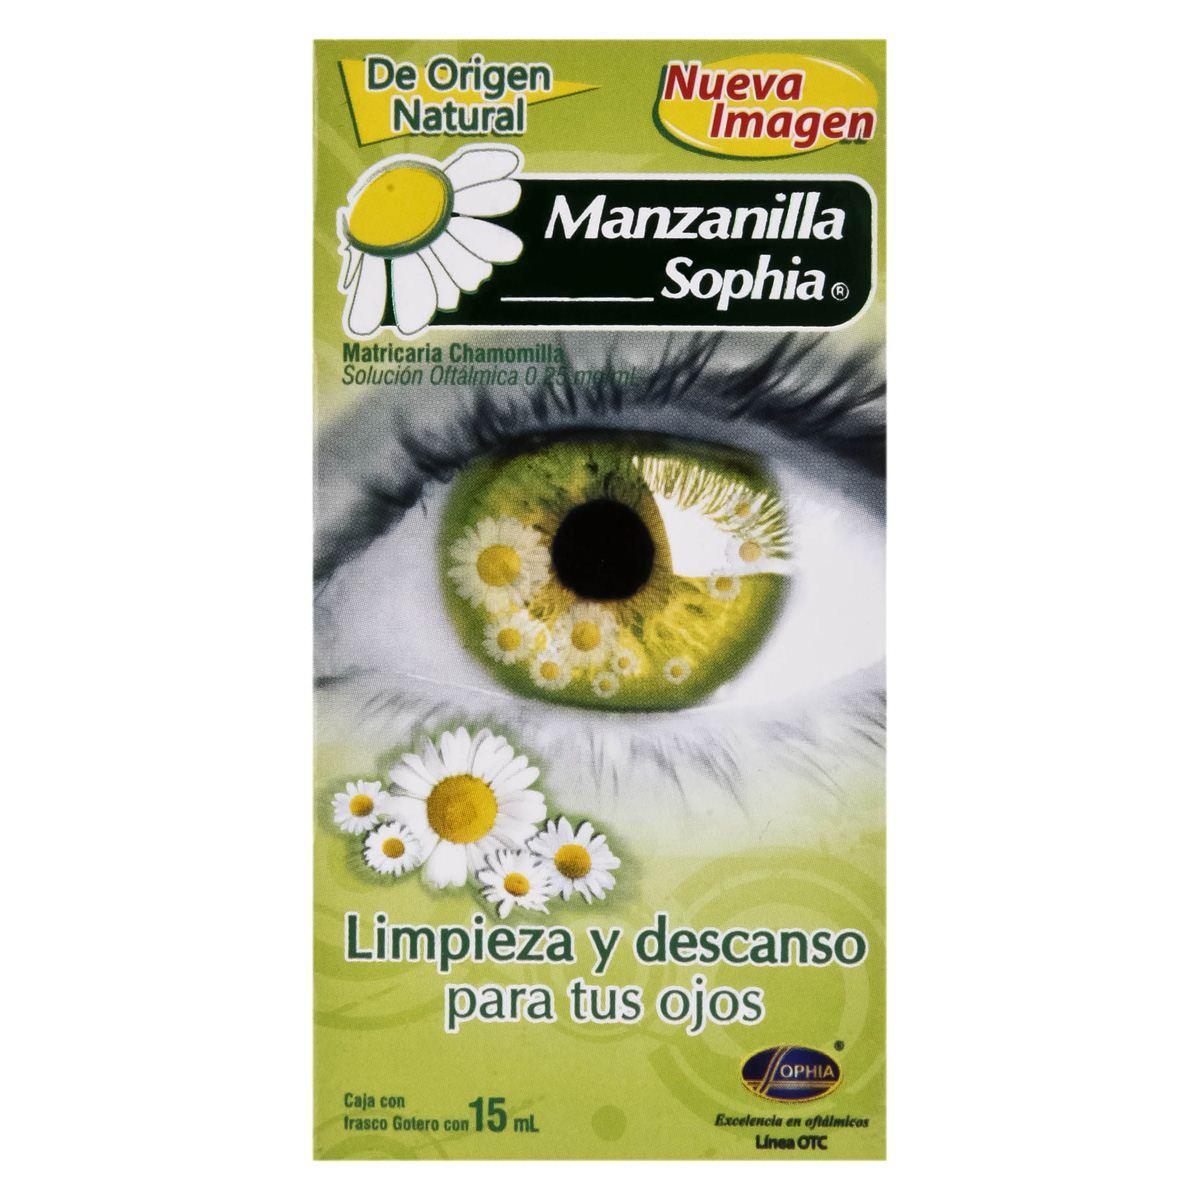 Manzanilla Sophia 15 ml